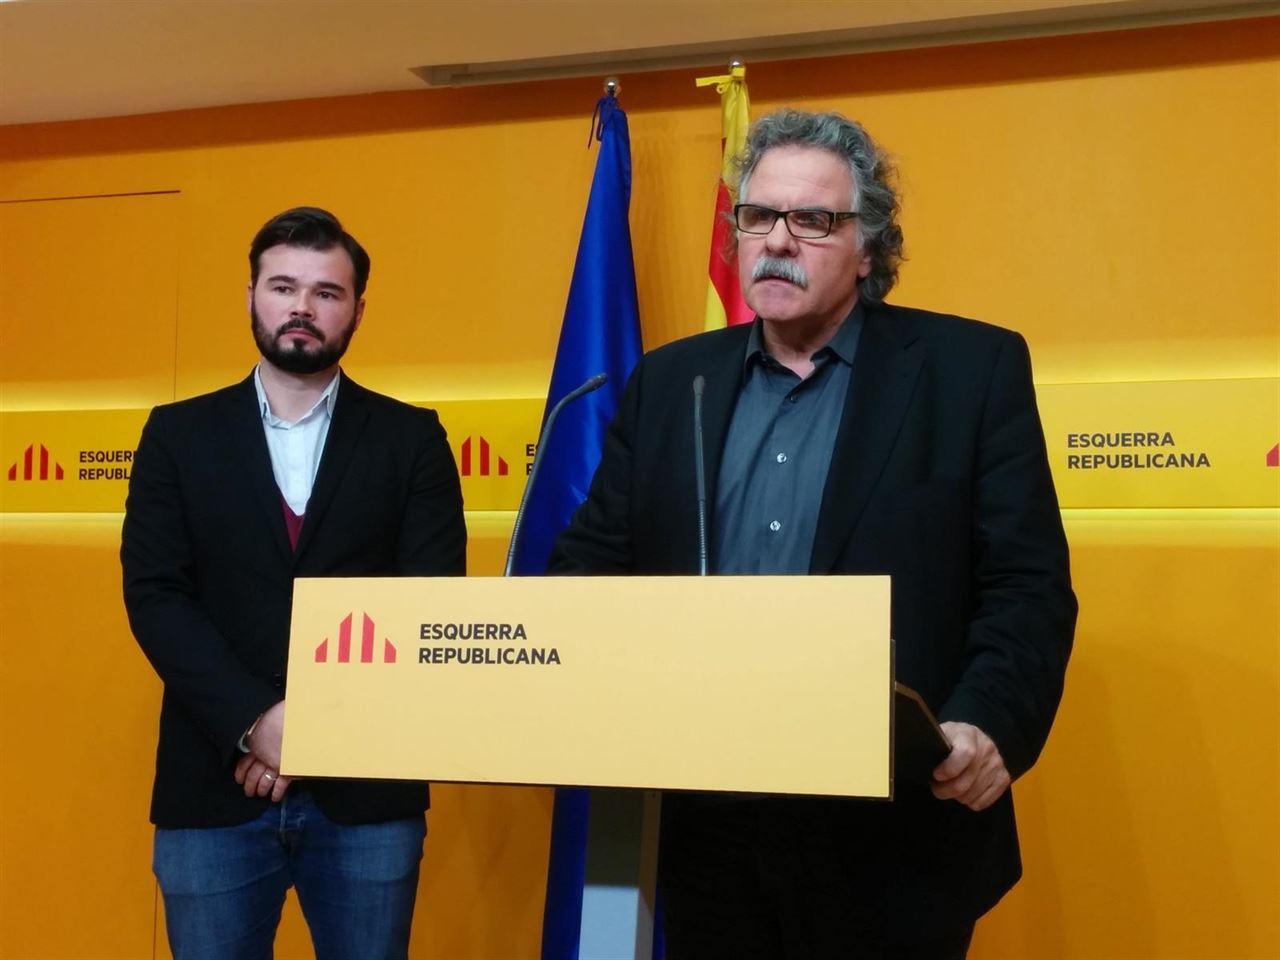 Los separatistas ERC animan a Podemos a no rendirse ante el PSOE con un referéndum en Cataluña